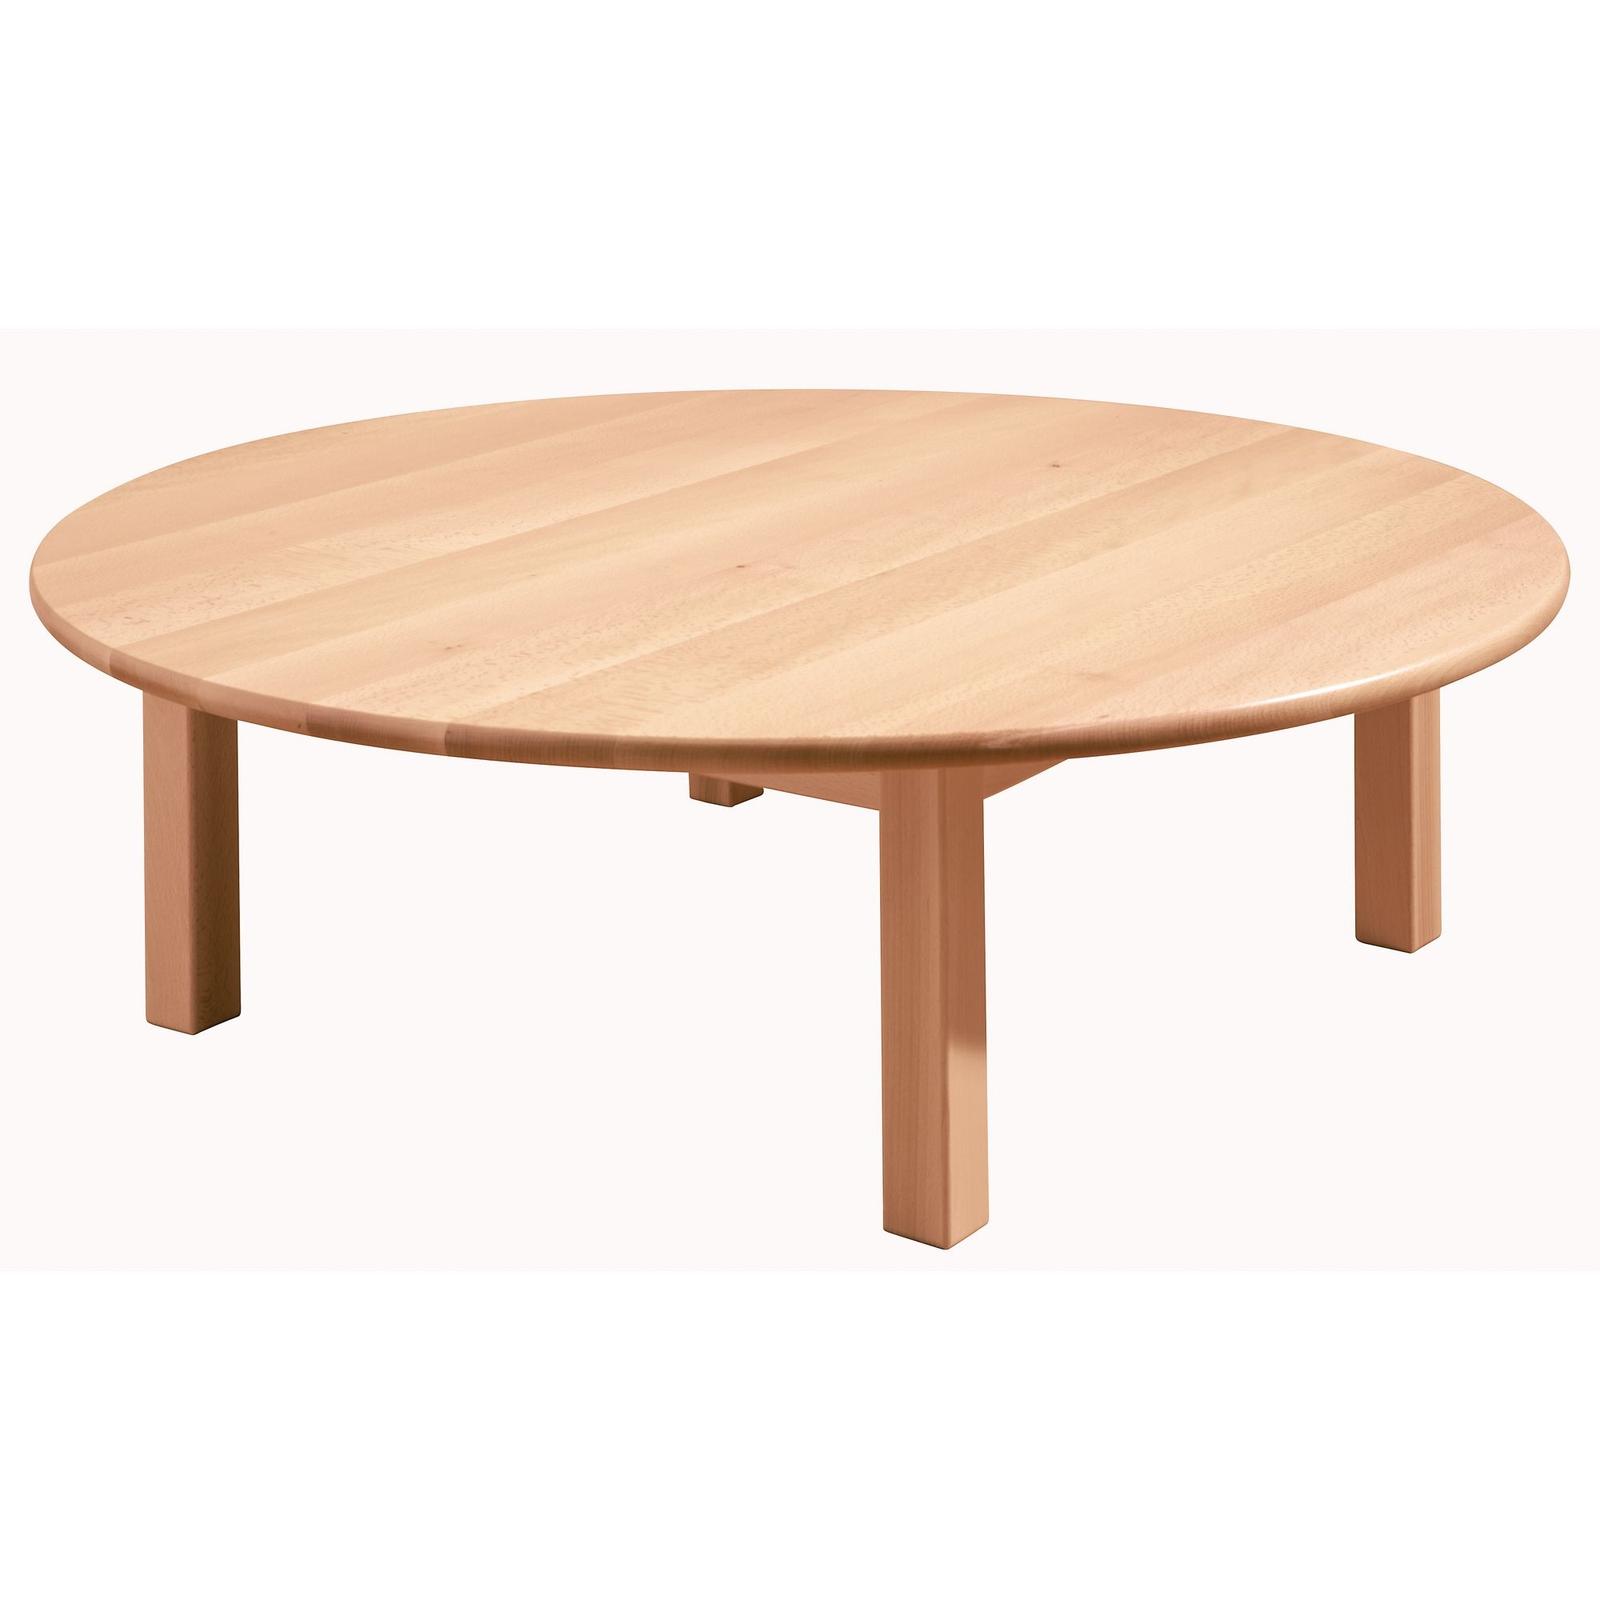 GALT Circular Solid Beech Classroom Table - 1200 x 400mm - Beech